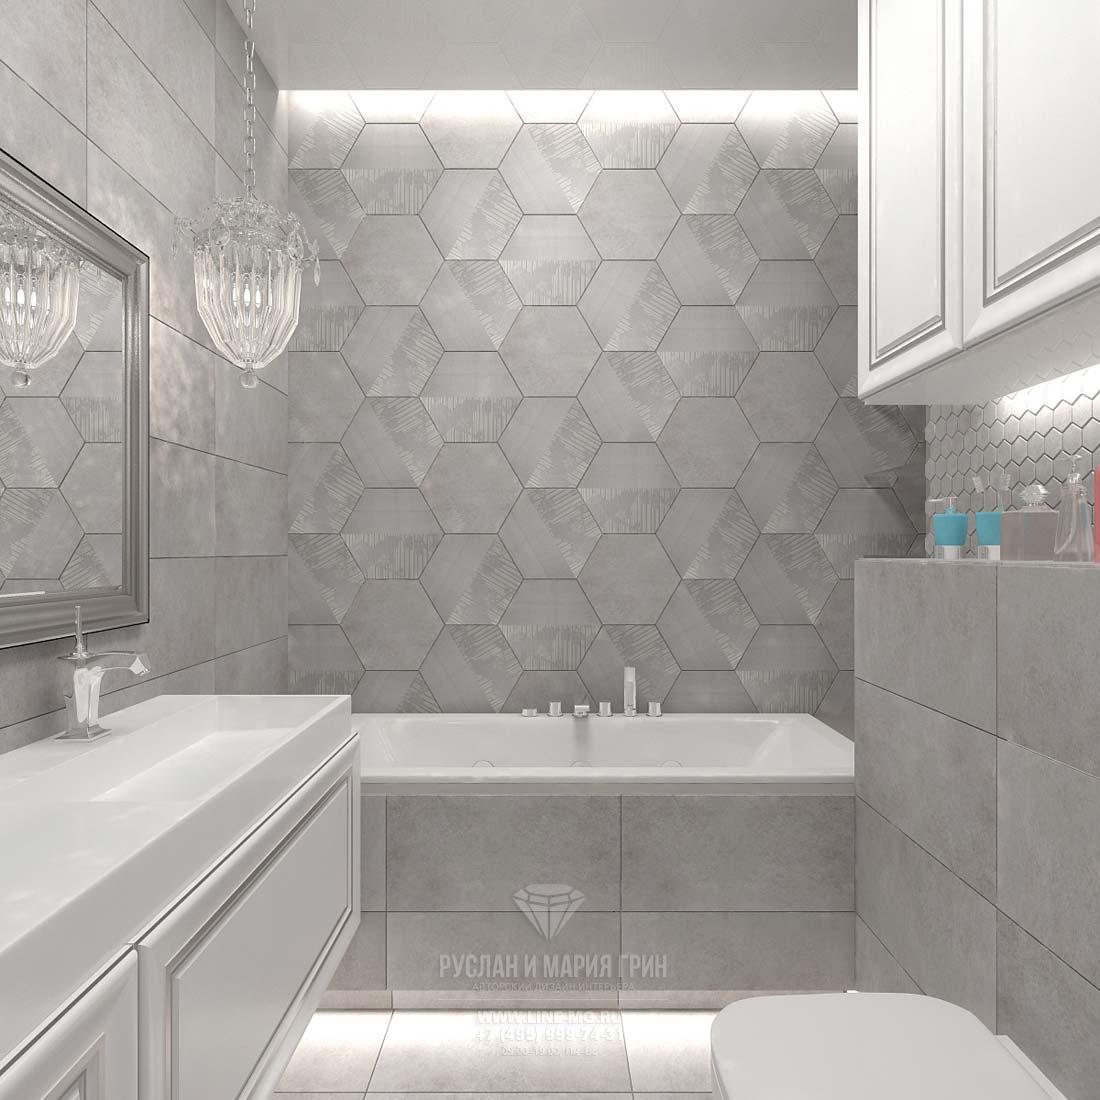 Дизайн интерьера ванной комнаты в сером цвете